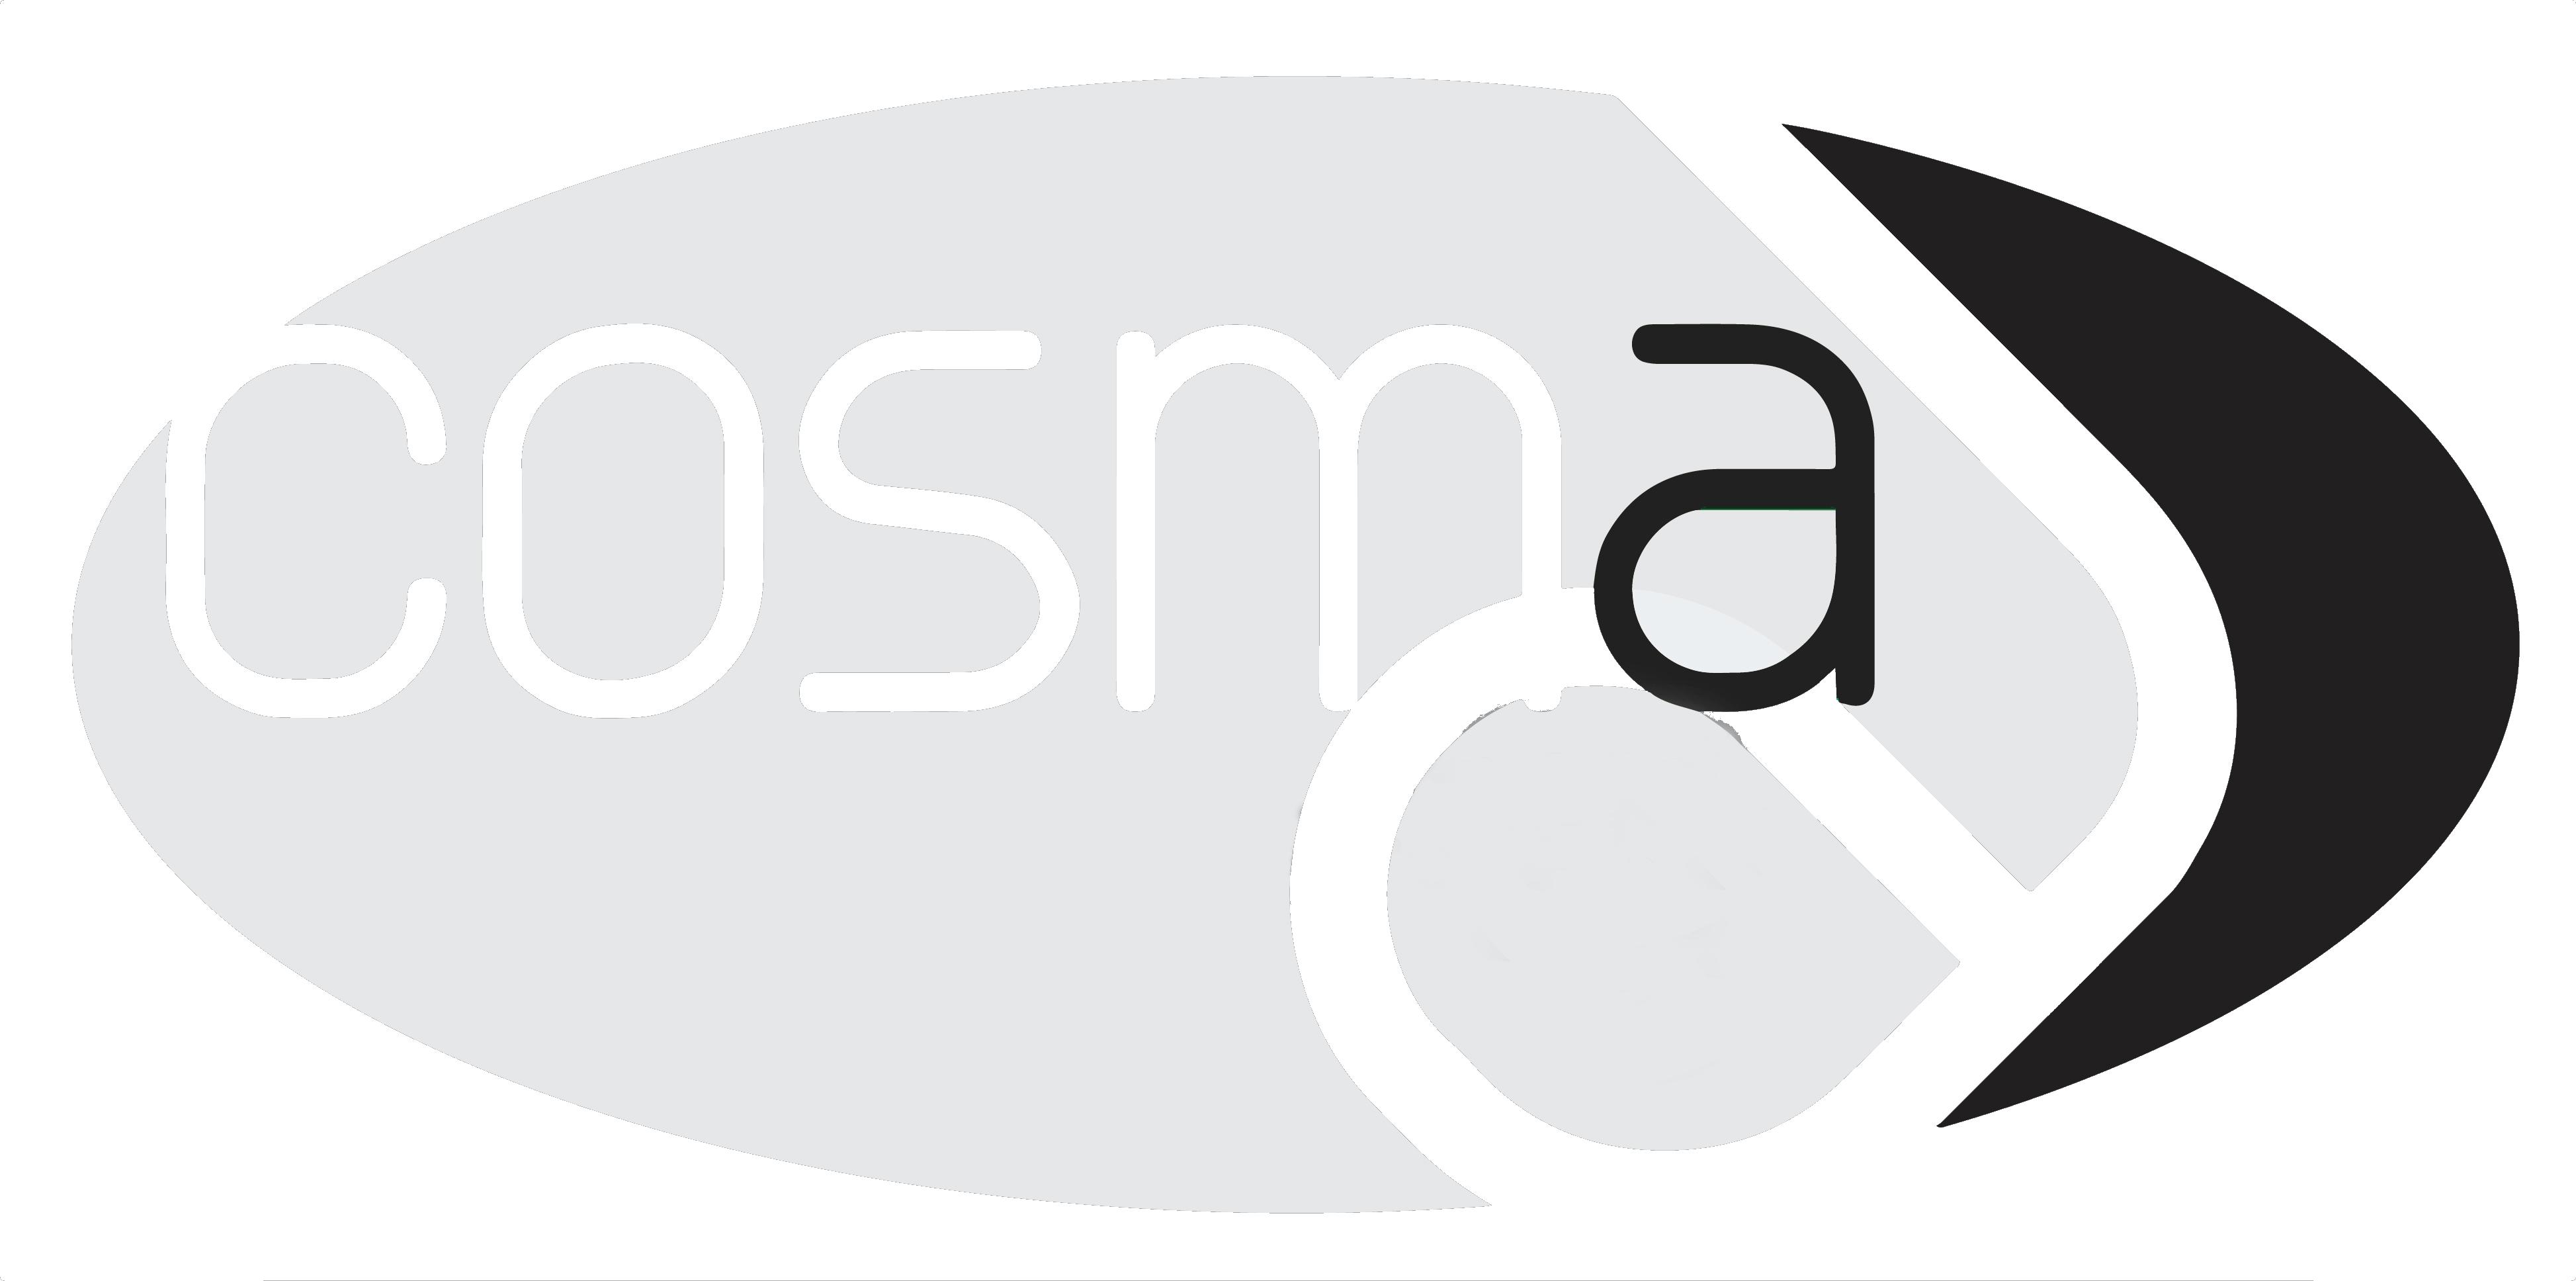 Catalogo COSMA